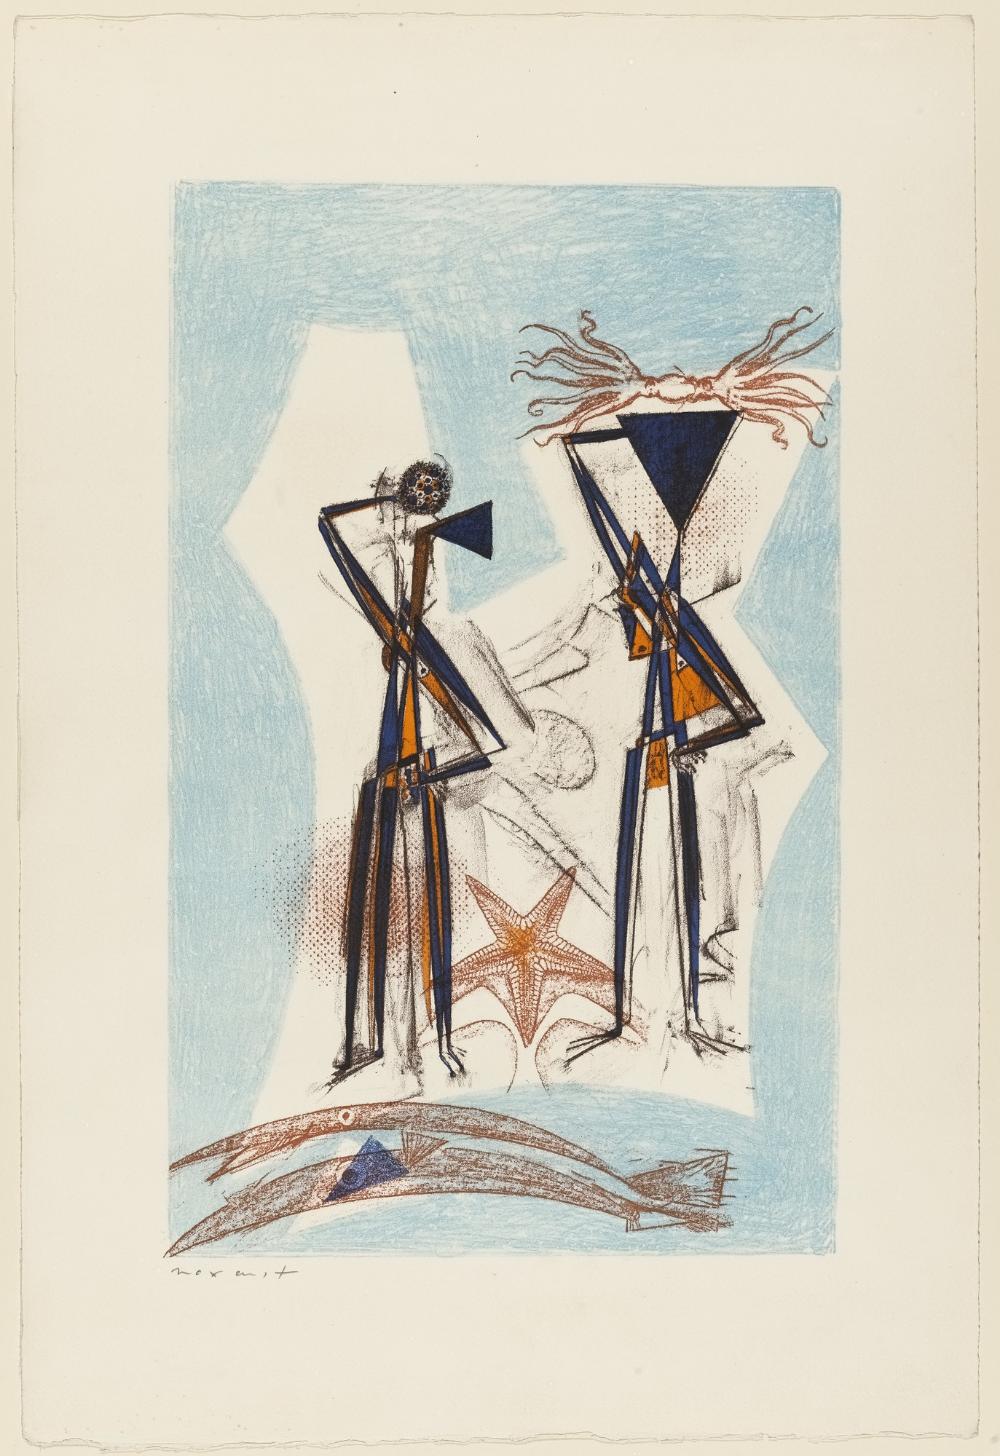 Max Ernst; Star Fish (Étoile de mer); 1950. in 2020 Max